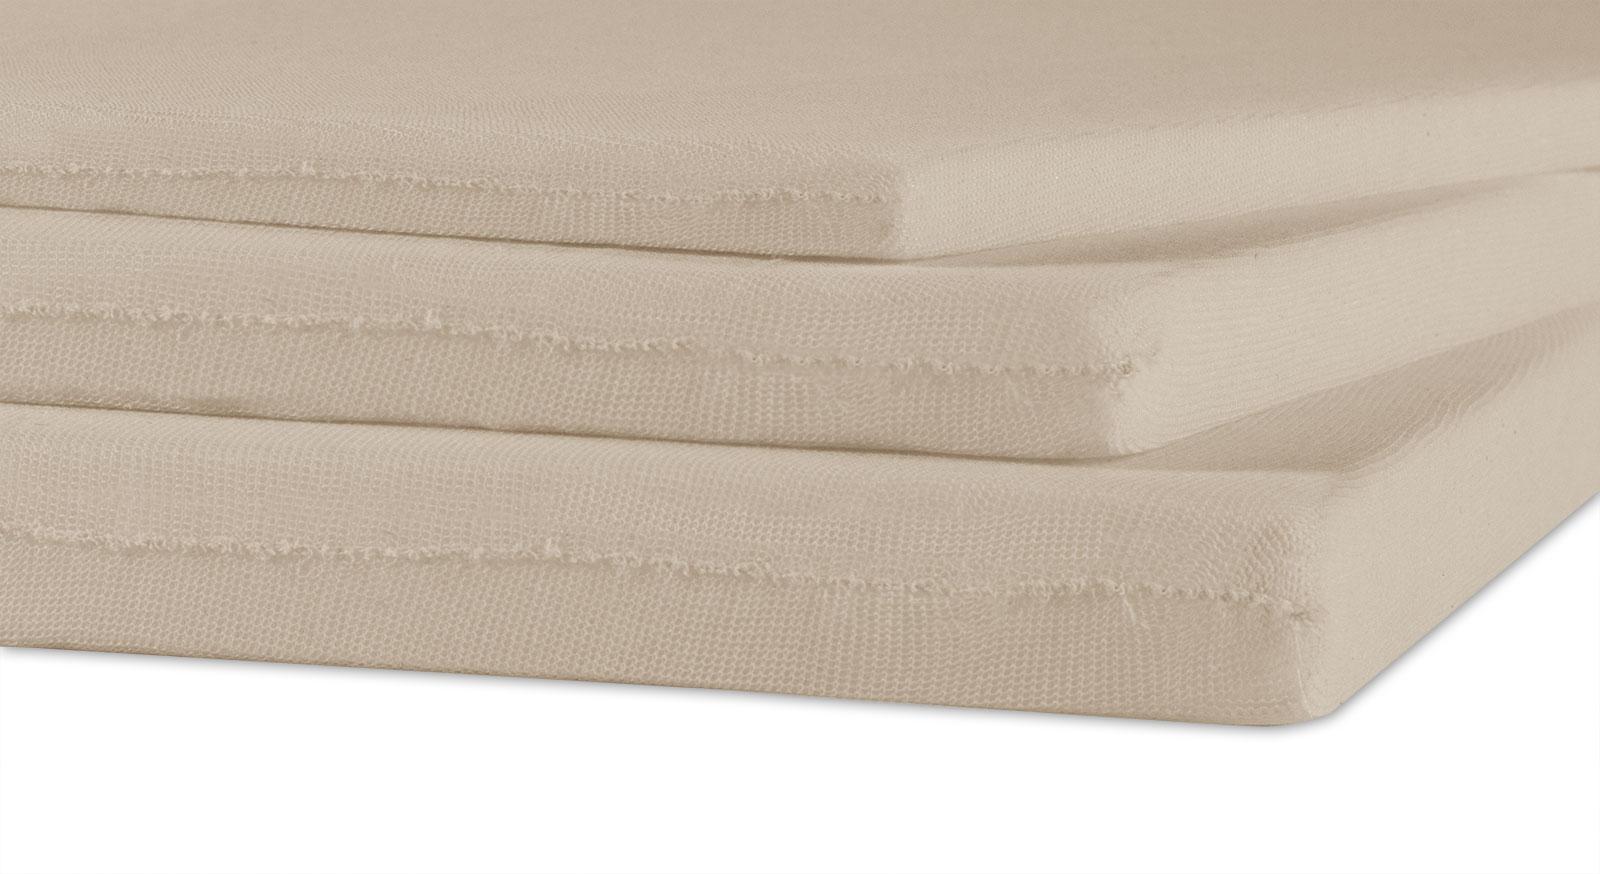 Einlegeplatten für Kissen youSleep in verschiedenen Höhen wählbar